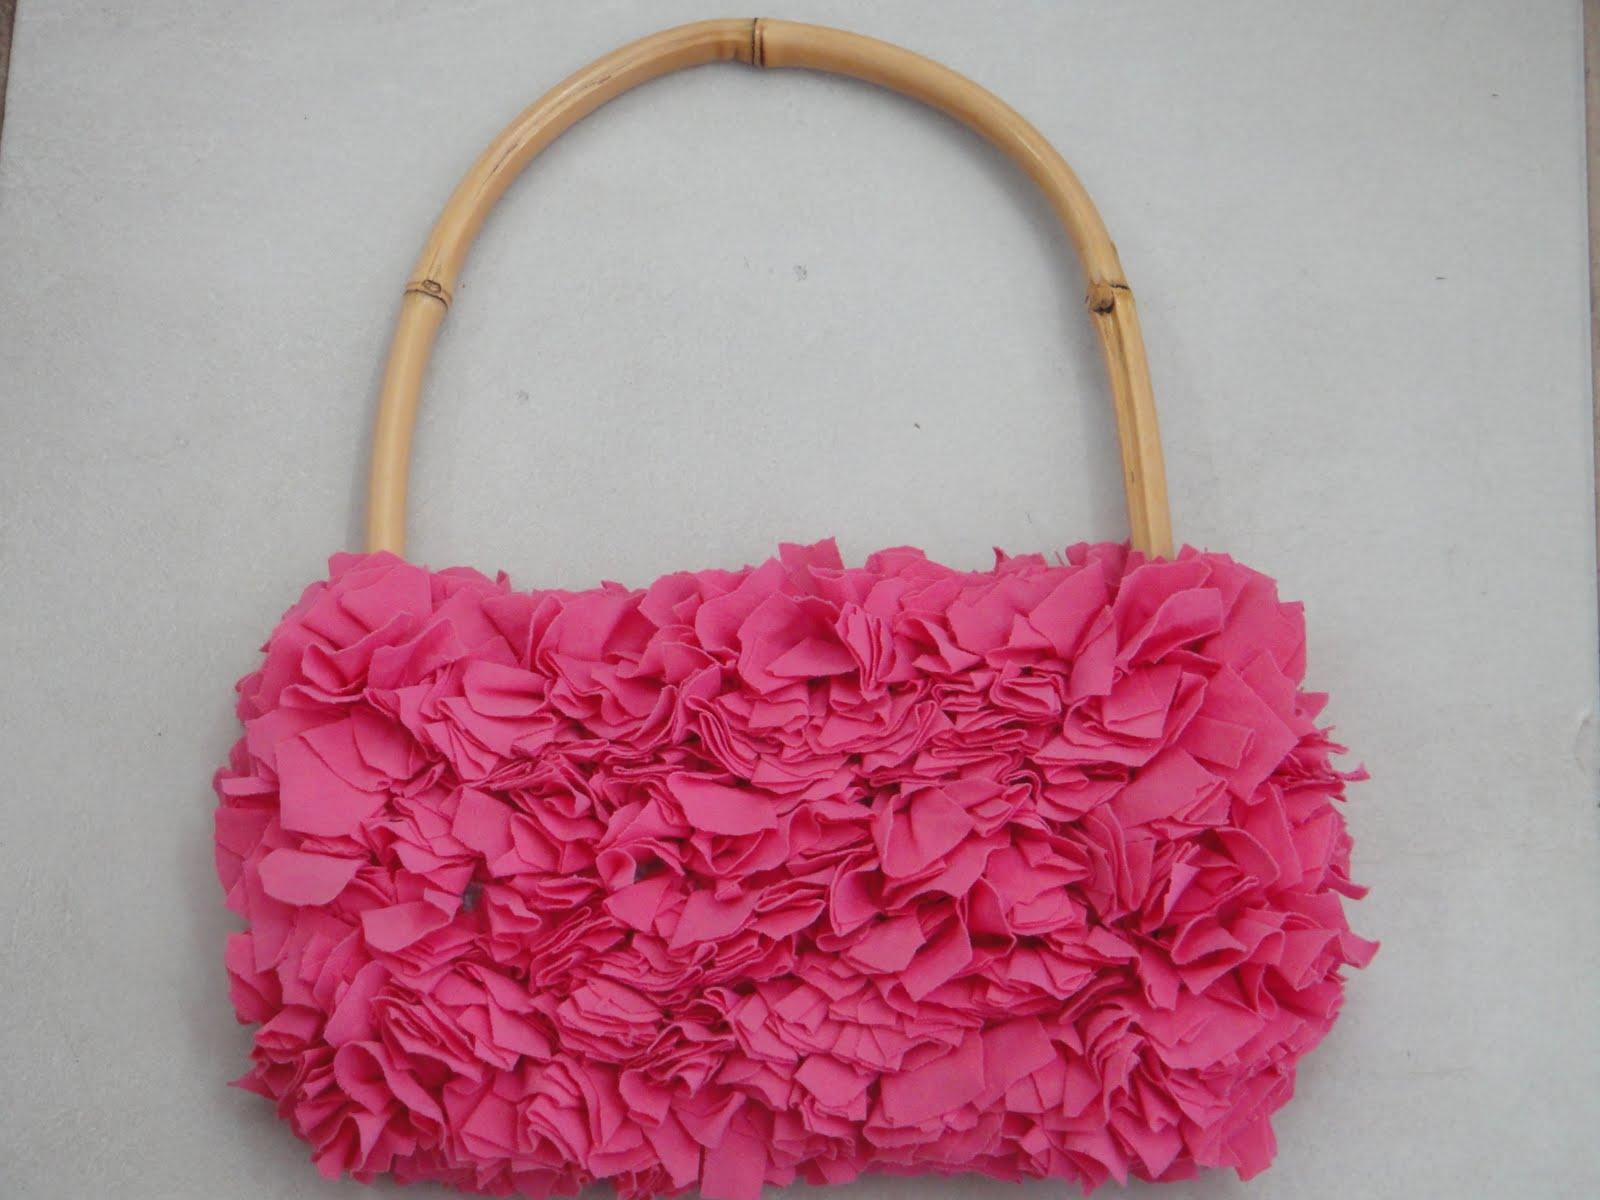 Bolsa De Tecido Com Alça De Bambu : Brech? da xuxa bolsa artesanal pink feita de tecido e